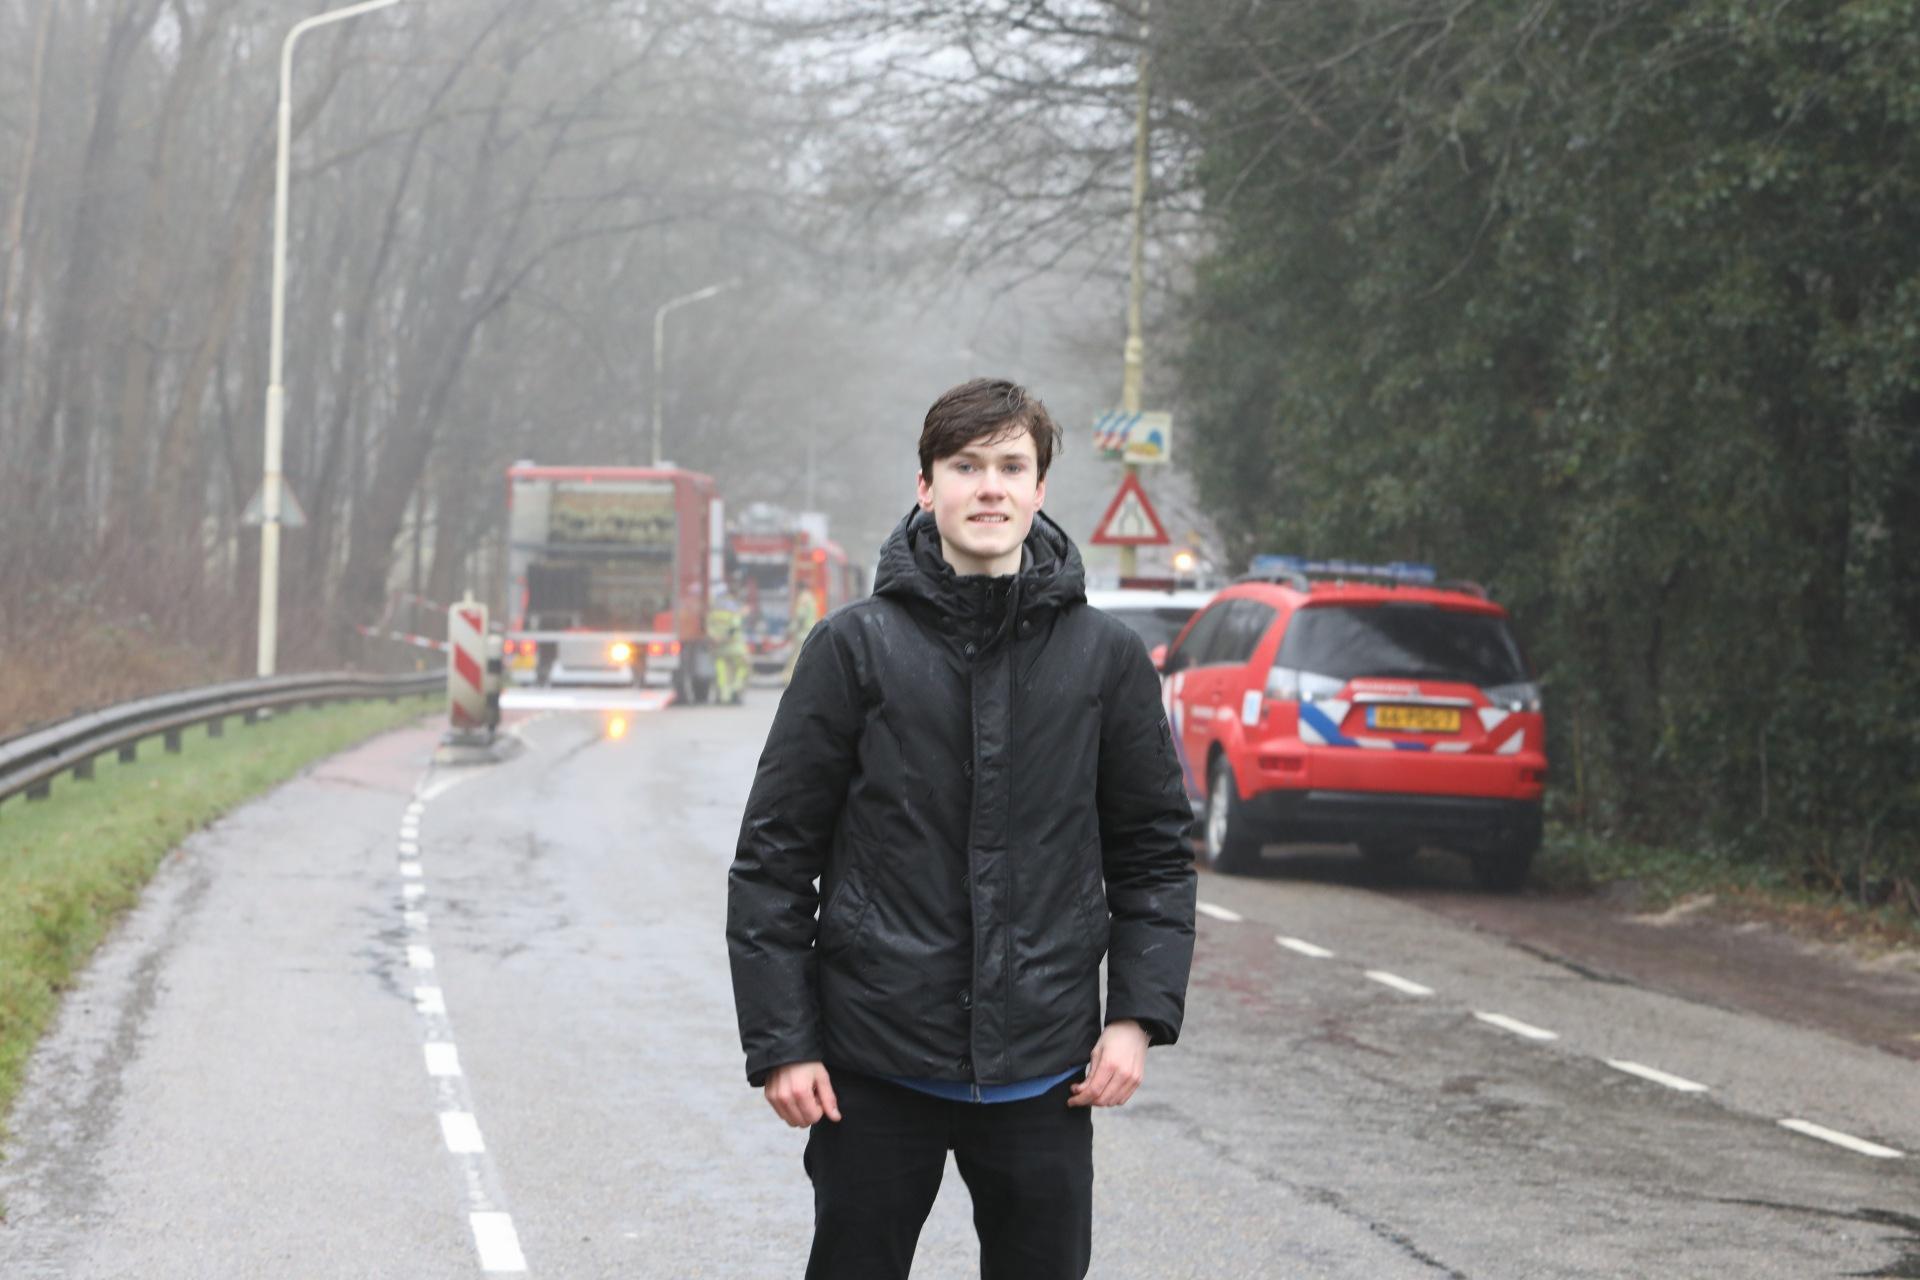 Larense scholier (16) voorkomt villabrand in Laren; Alleen veranda verwoest. Politie doet onderzoek naar vondst gevaarlijke stoffen